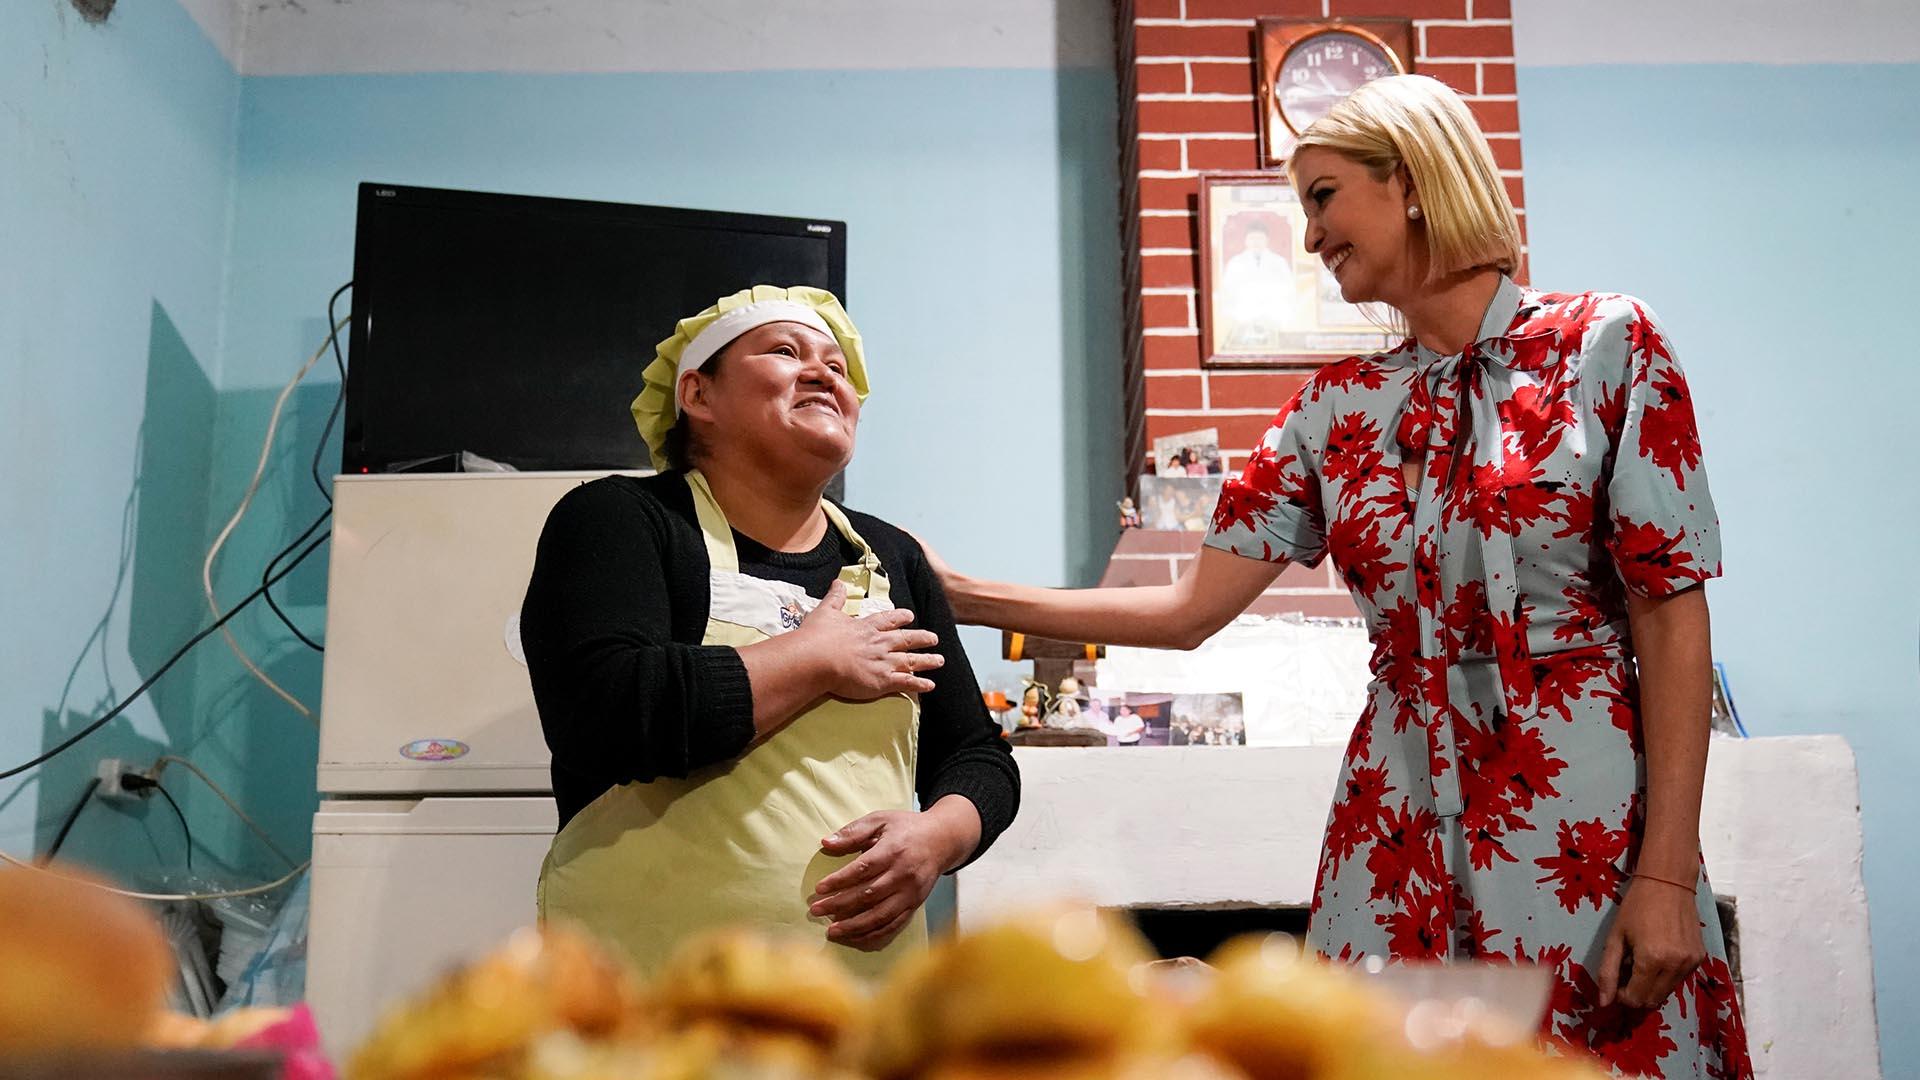 Ivanka Trump visitó una panadería. Su dueña, Graciela Alcocer, se pone la mano en el corazón tras el saludo de la hija de Donald Trump. Es una de las comerciantes que forma parte de un plan de microcréditos impulsado por los Estados Unidos